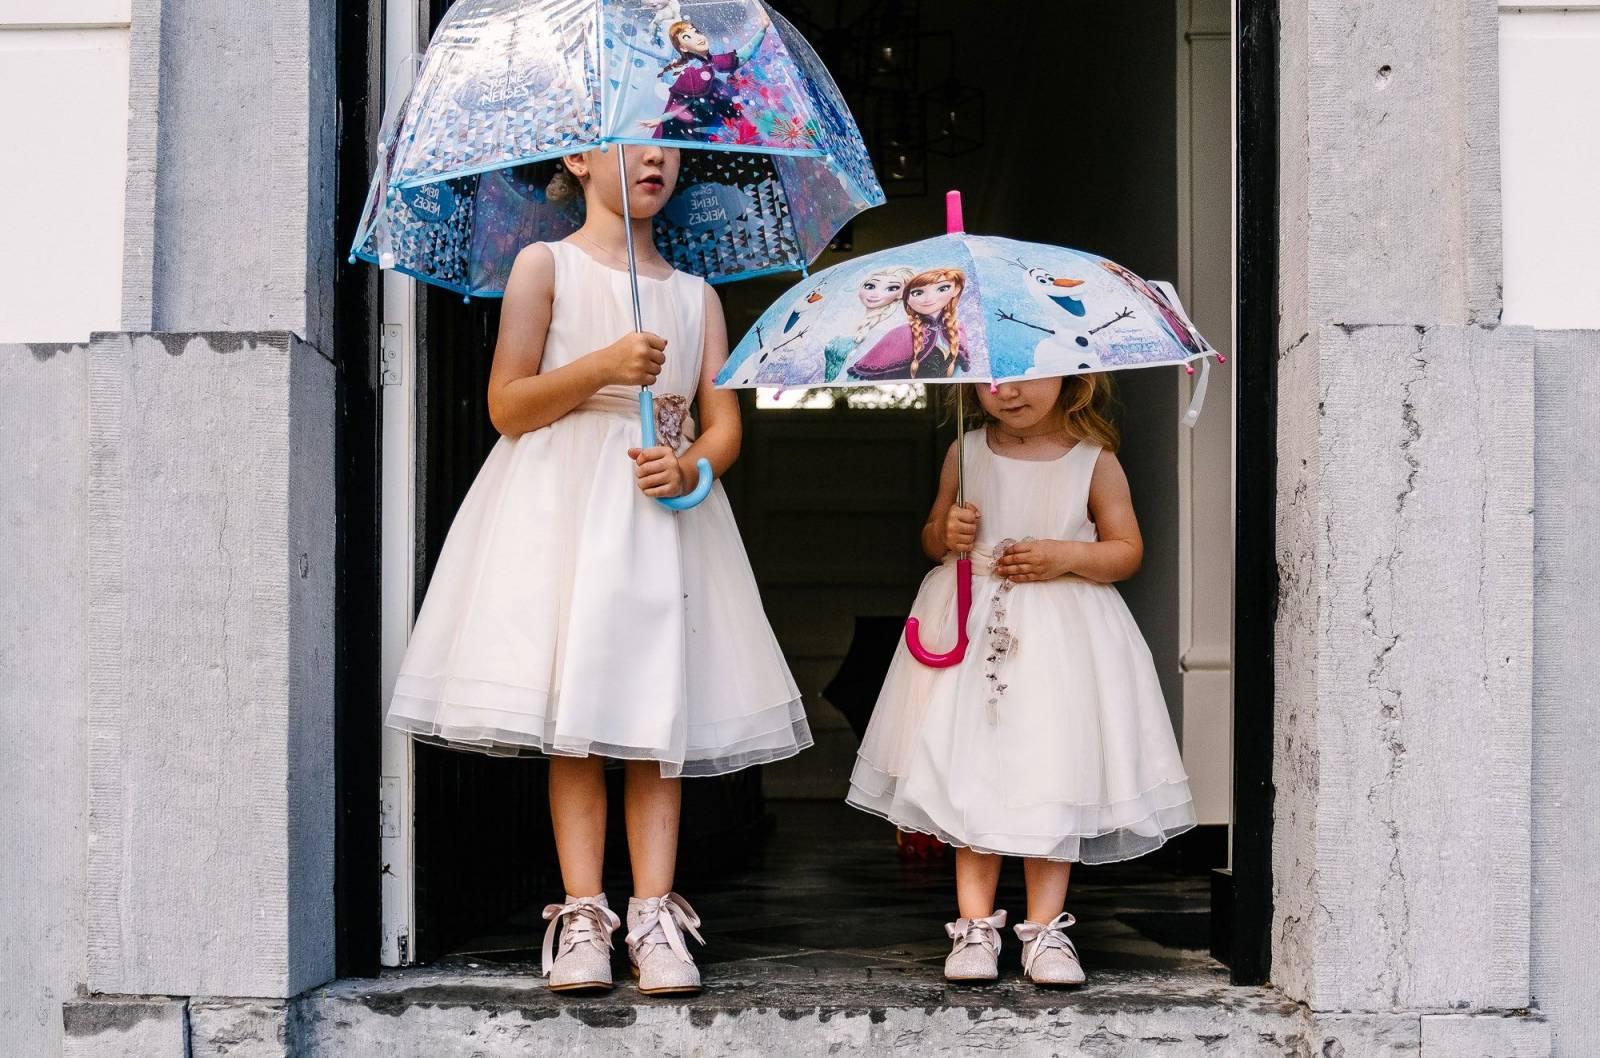 Jonas De Gent - Huwelijksfotograaf - House of Weddings - 15